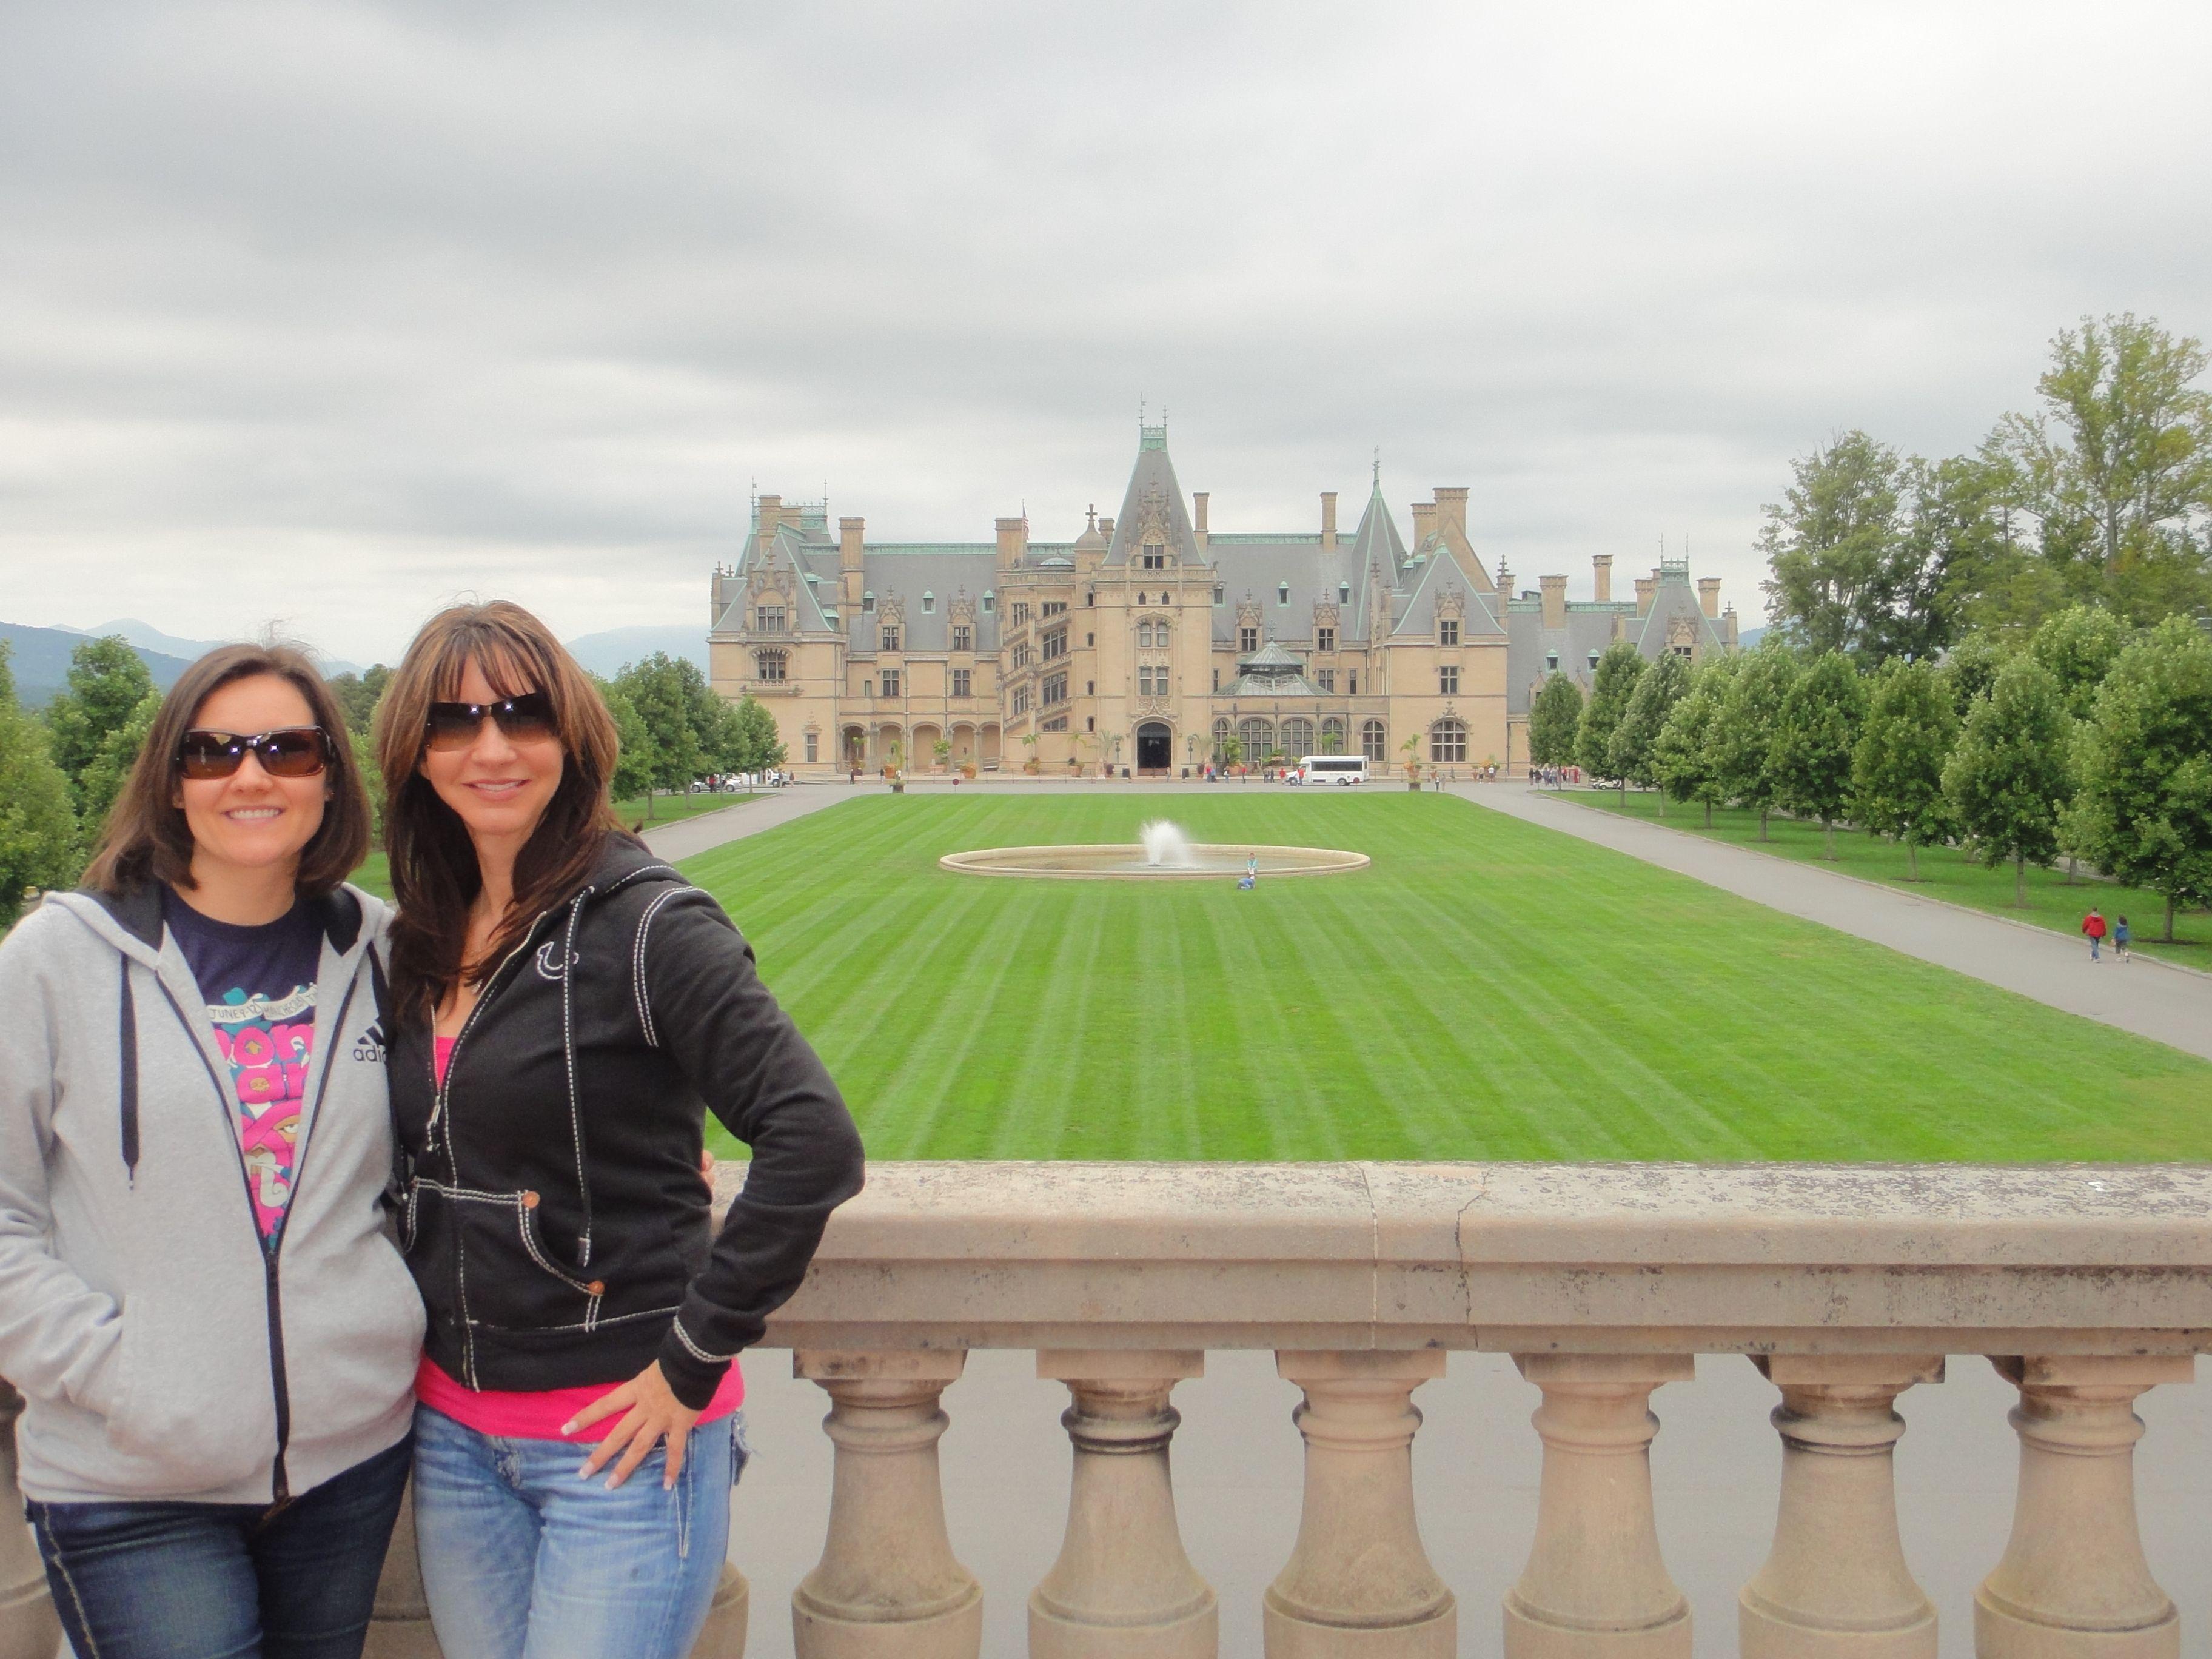 Ashley and I at the Biltmore Estates